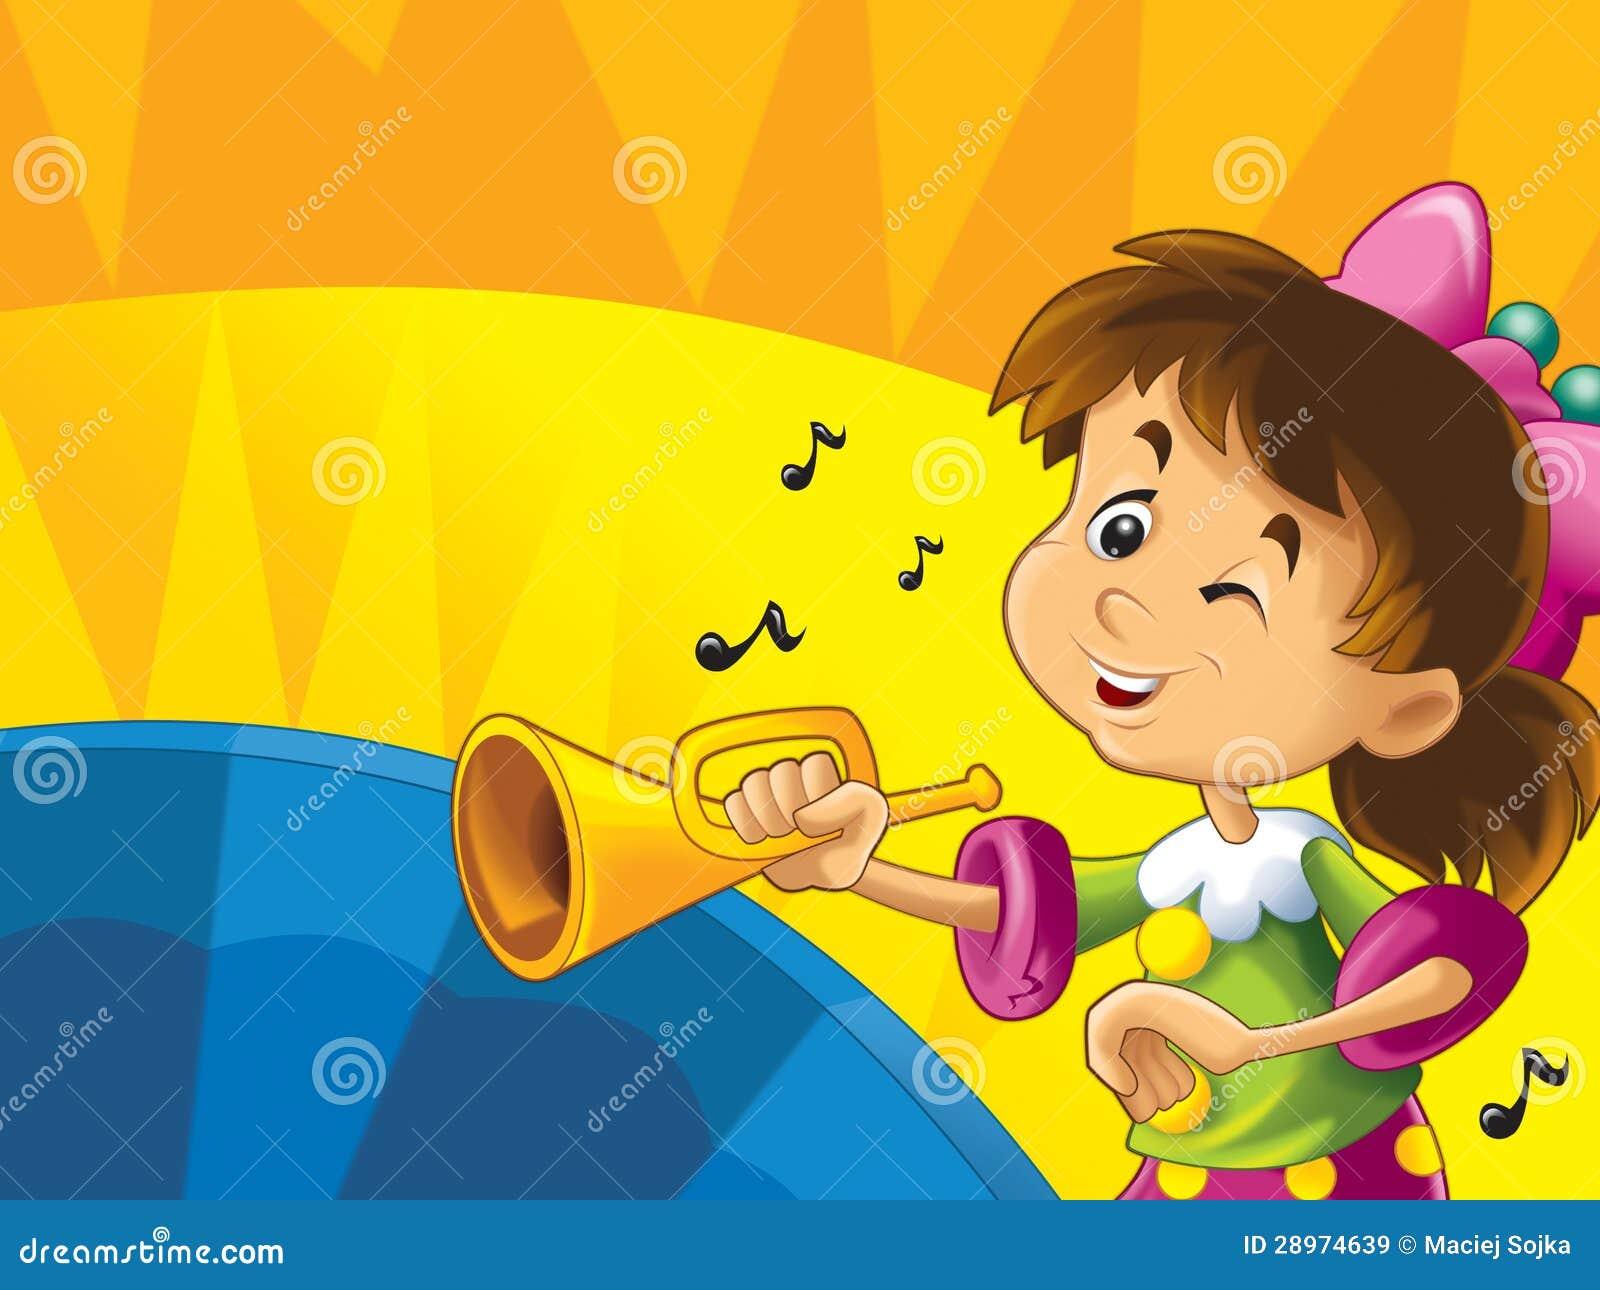 Kreskówka dzieciaki z instrumentami - musicalu szczęście na barwionym dynamicznym tle i znaki